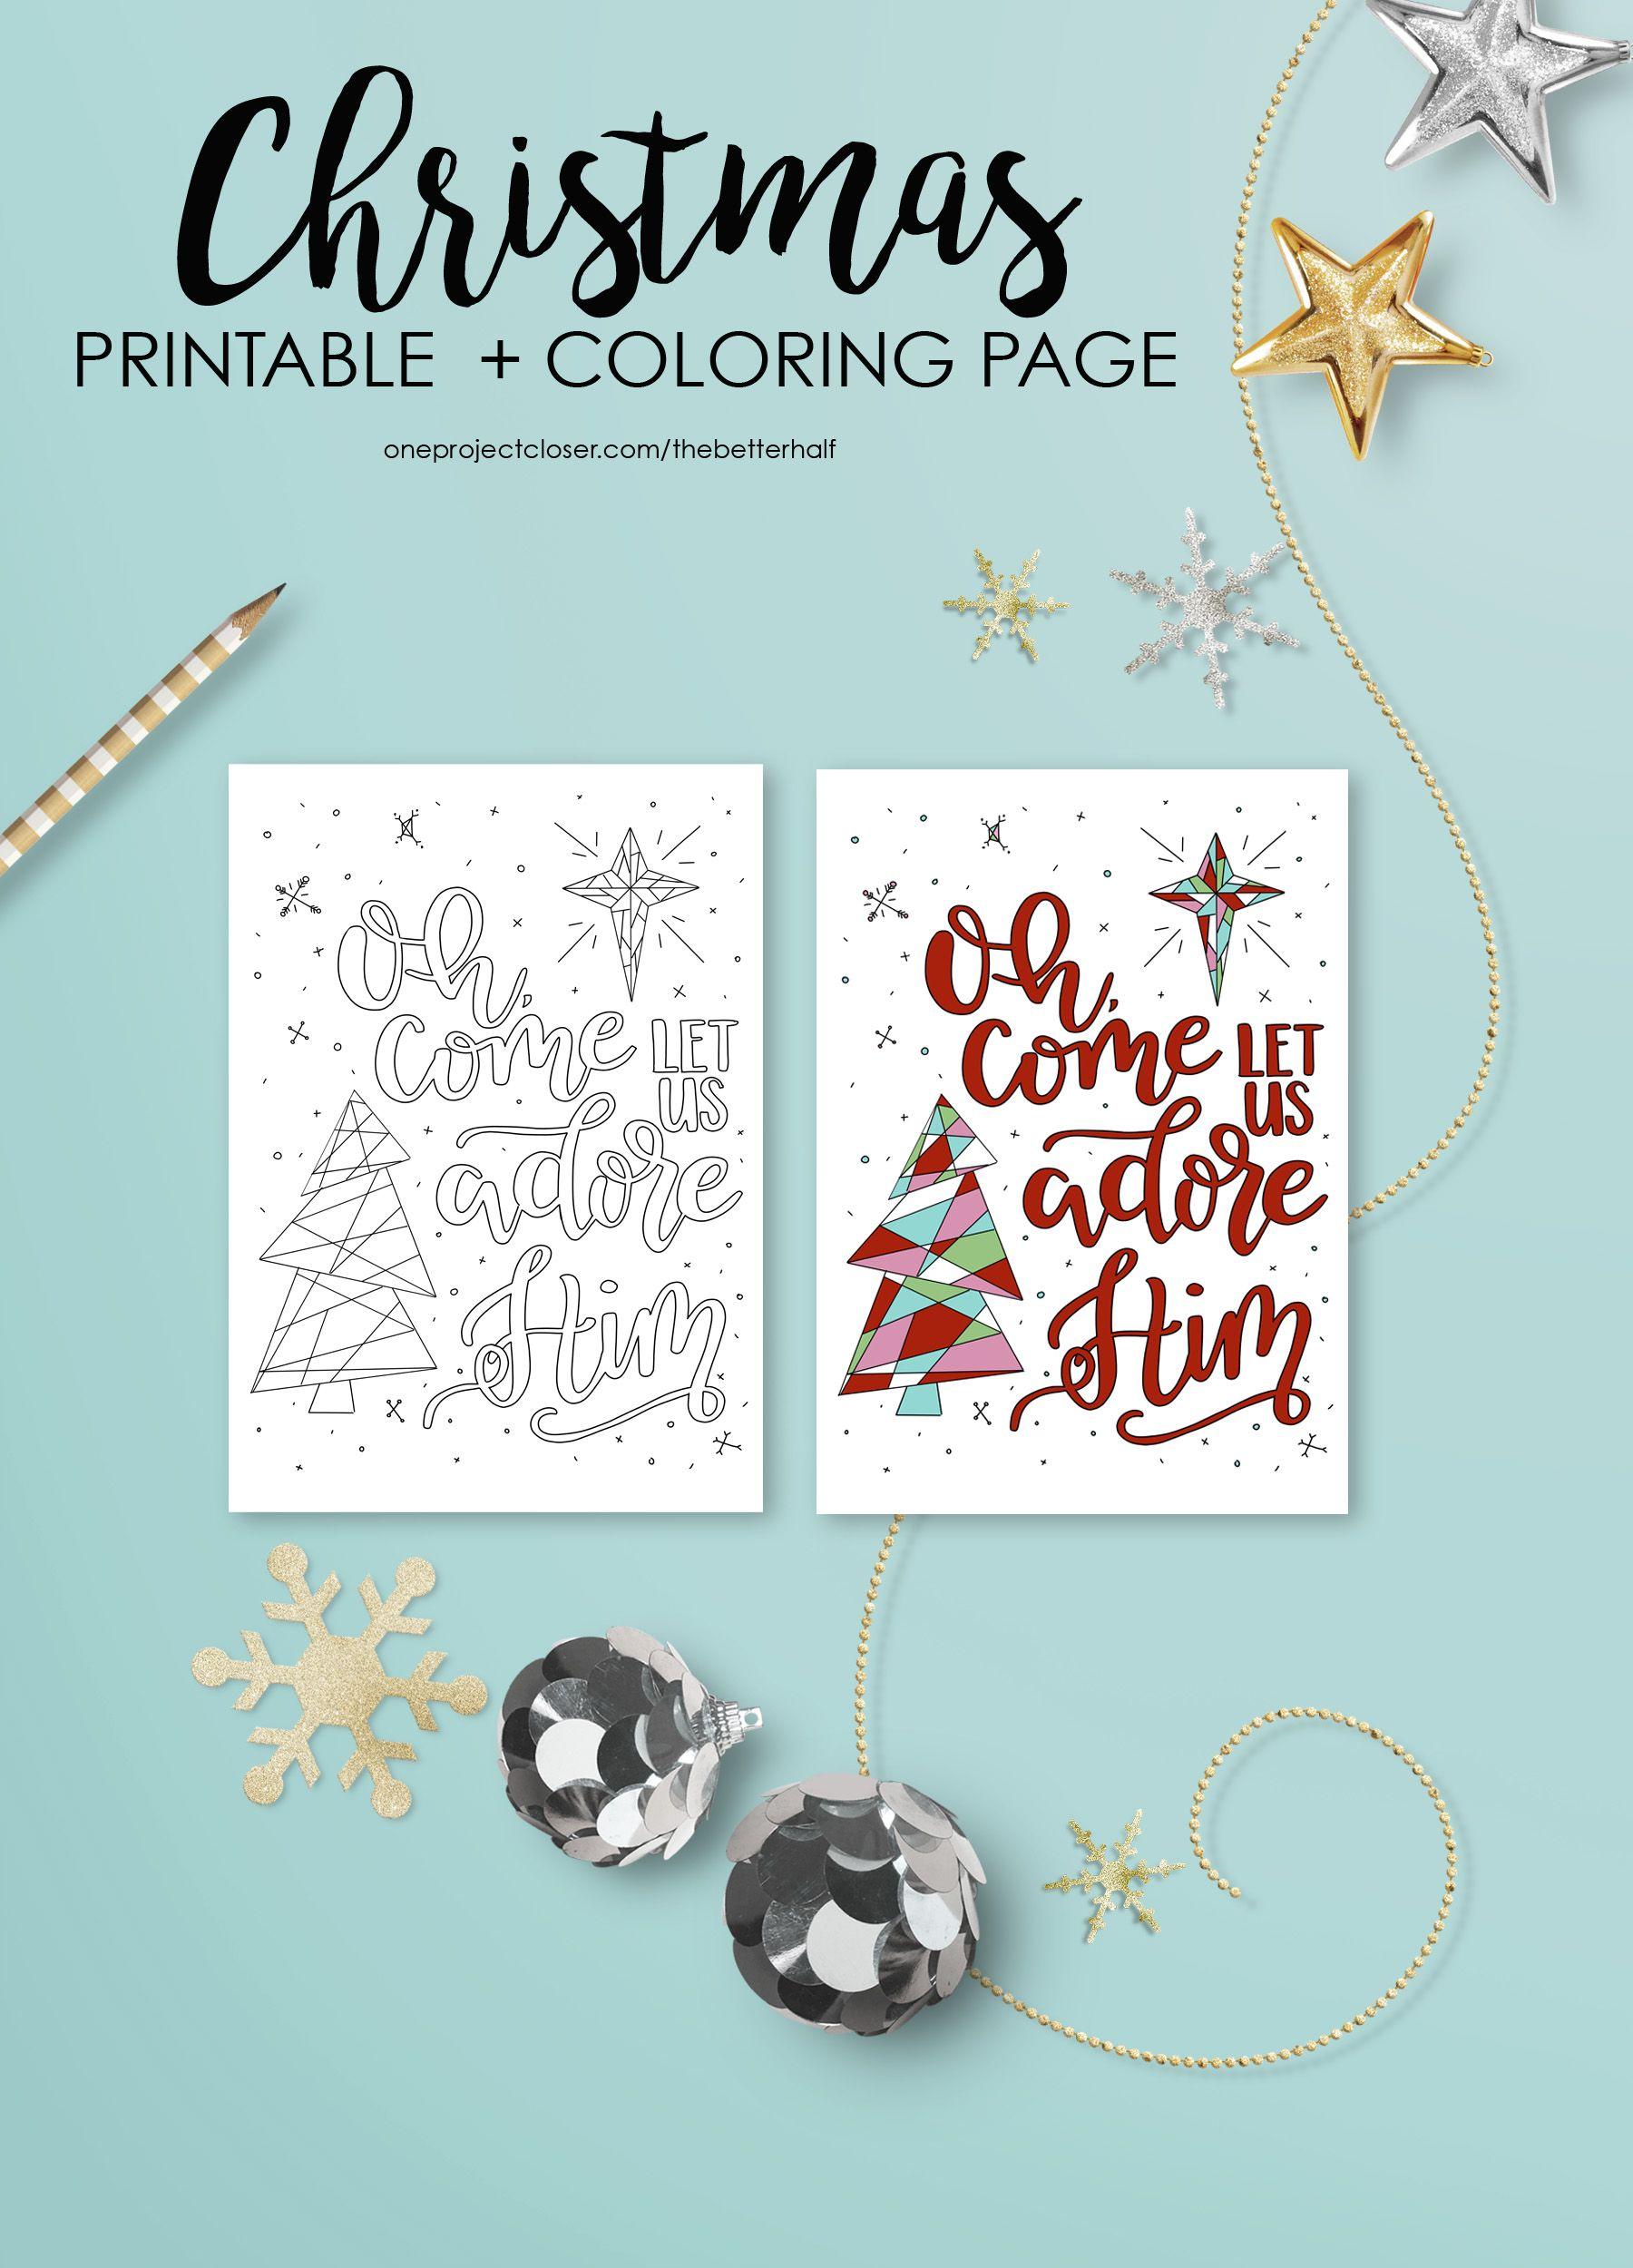 Free Christmas Coloring Page + Printable | Pinterest | Christmas ...